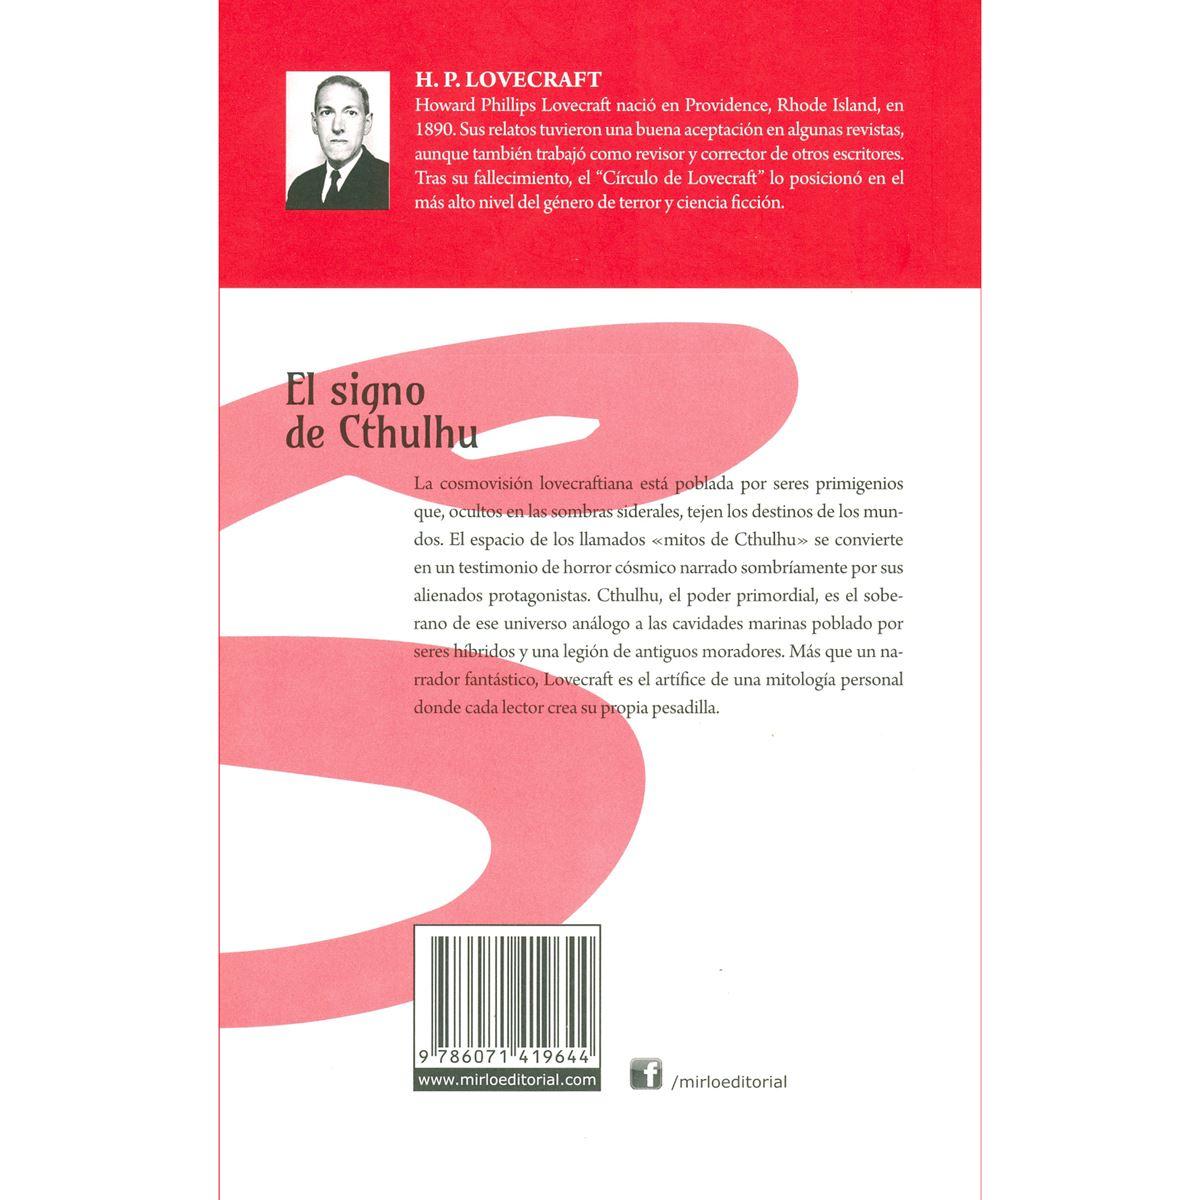 El signo de cthulhu Libro - Sanborns